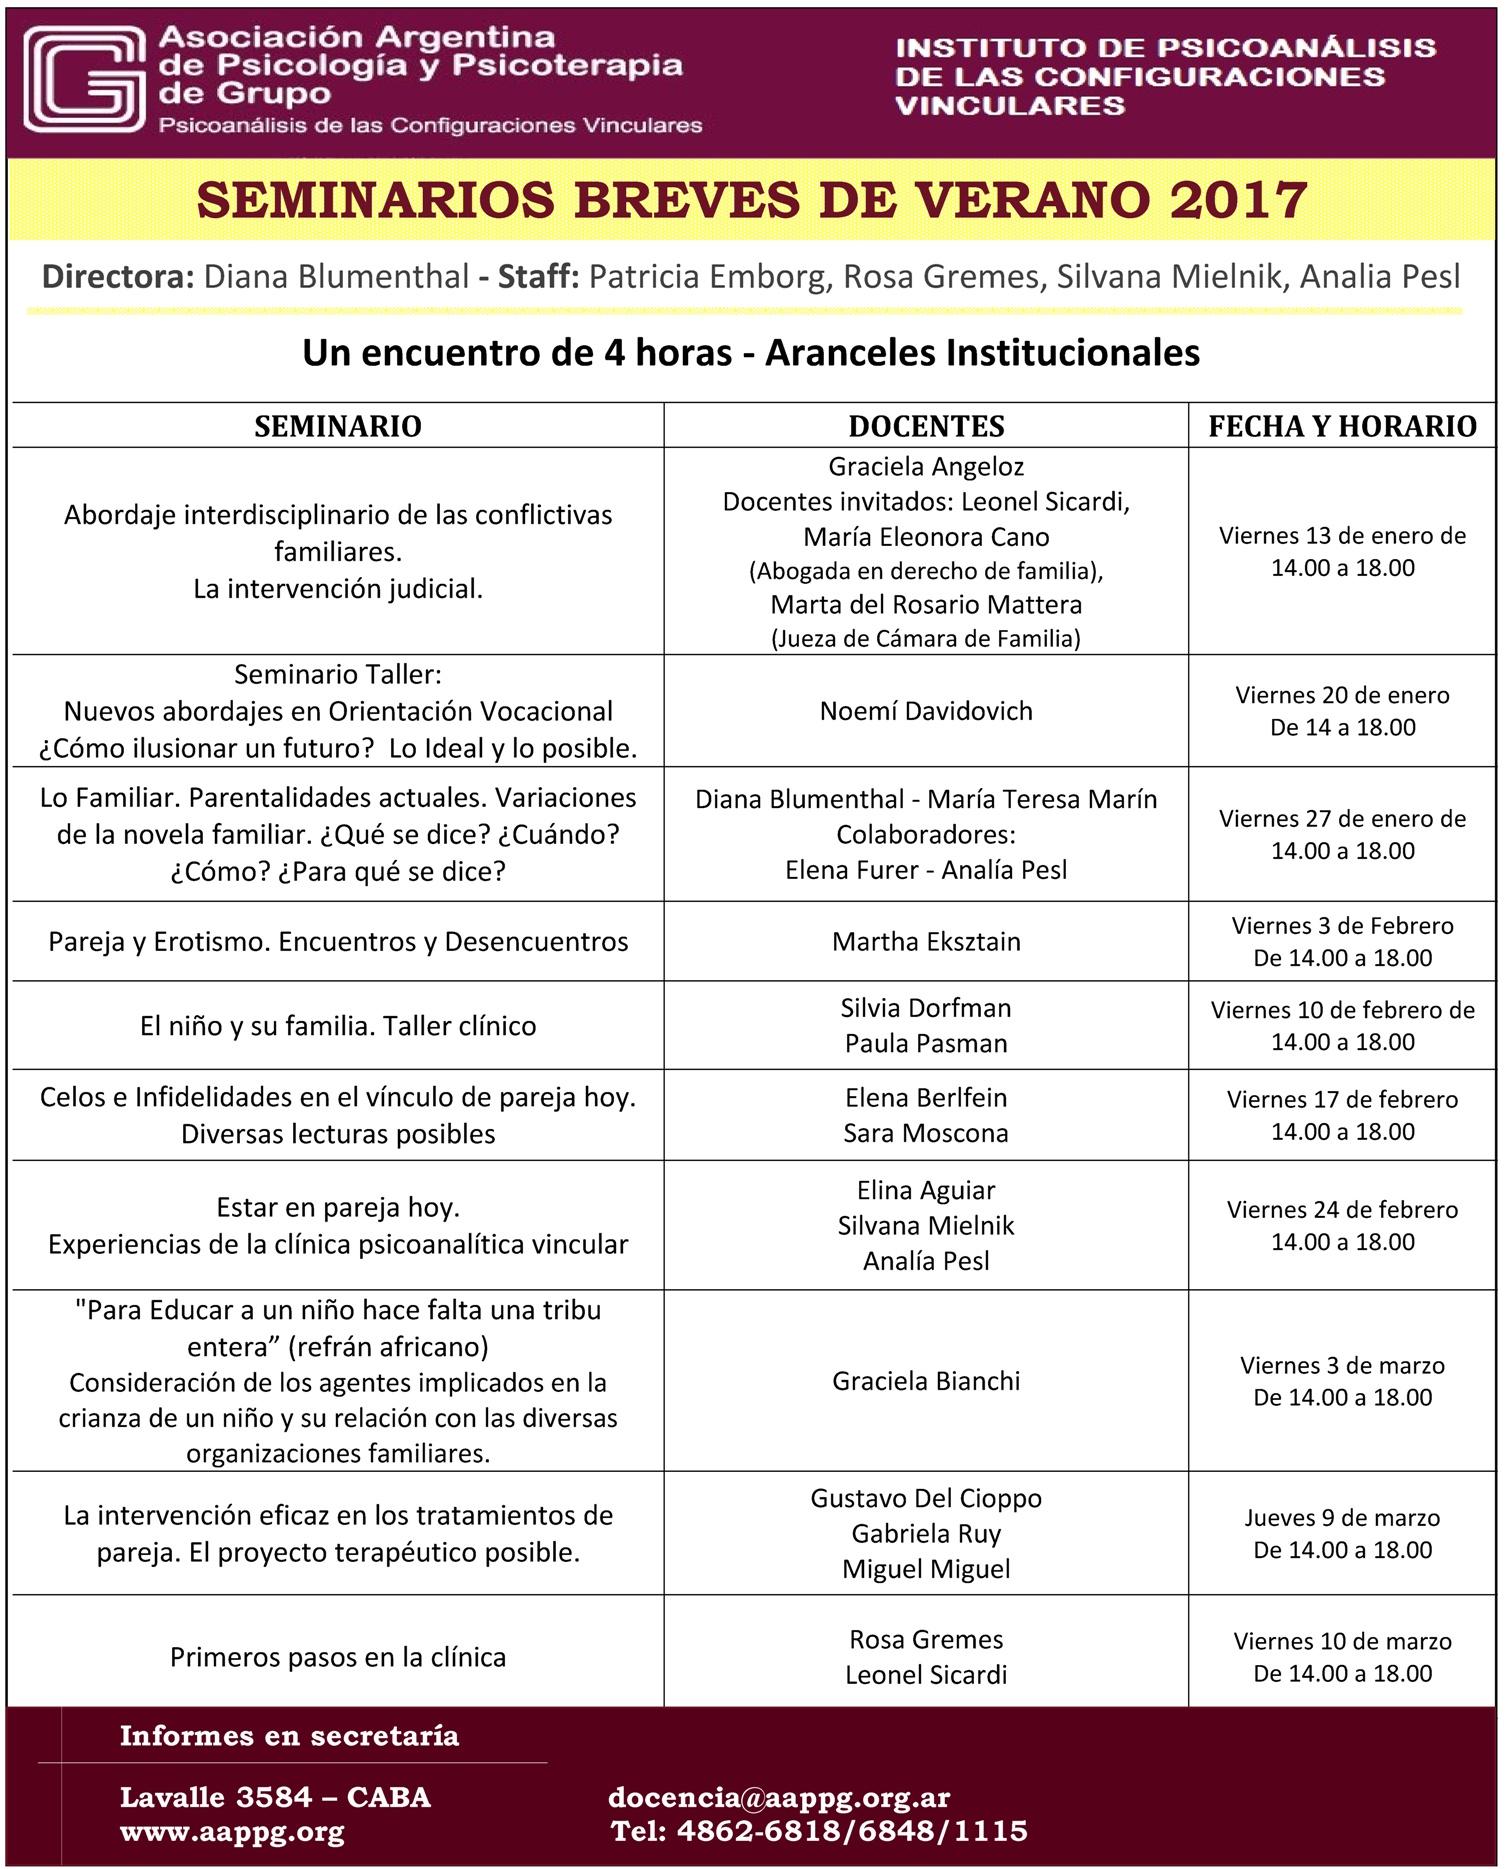 folleto-seminarios-de-verano17